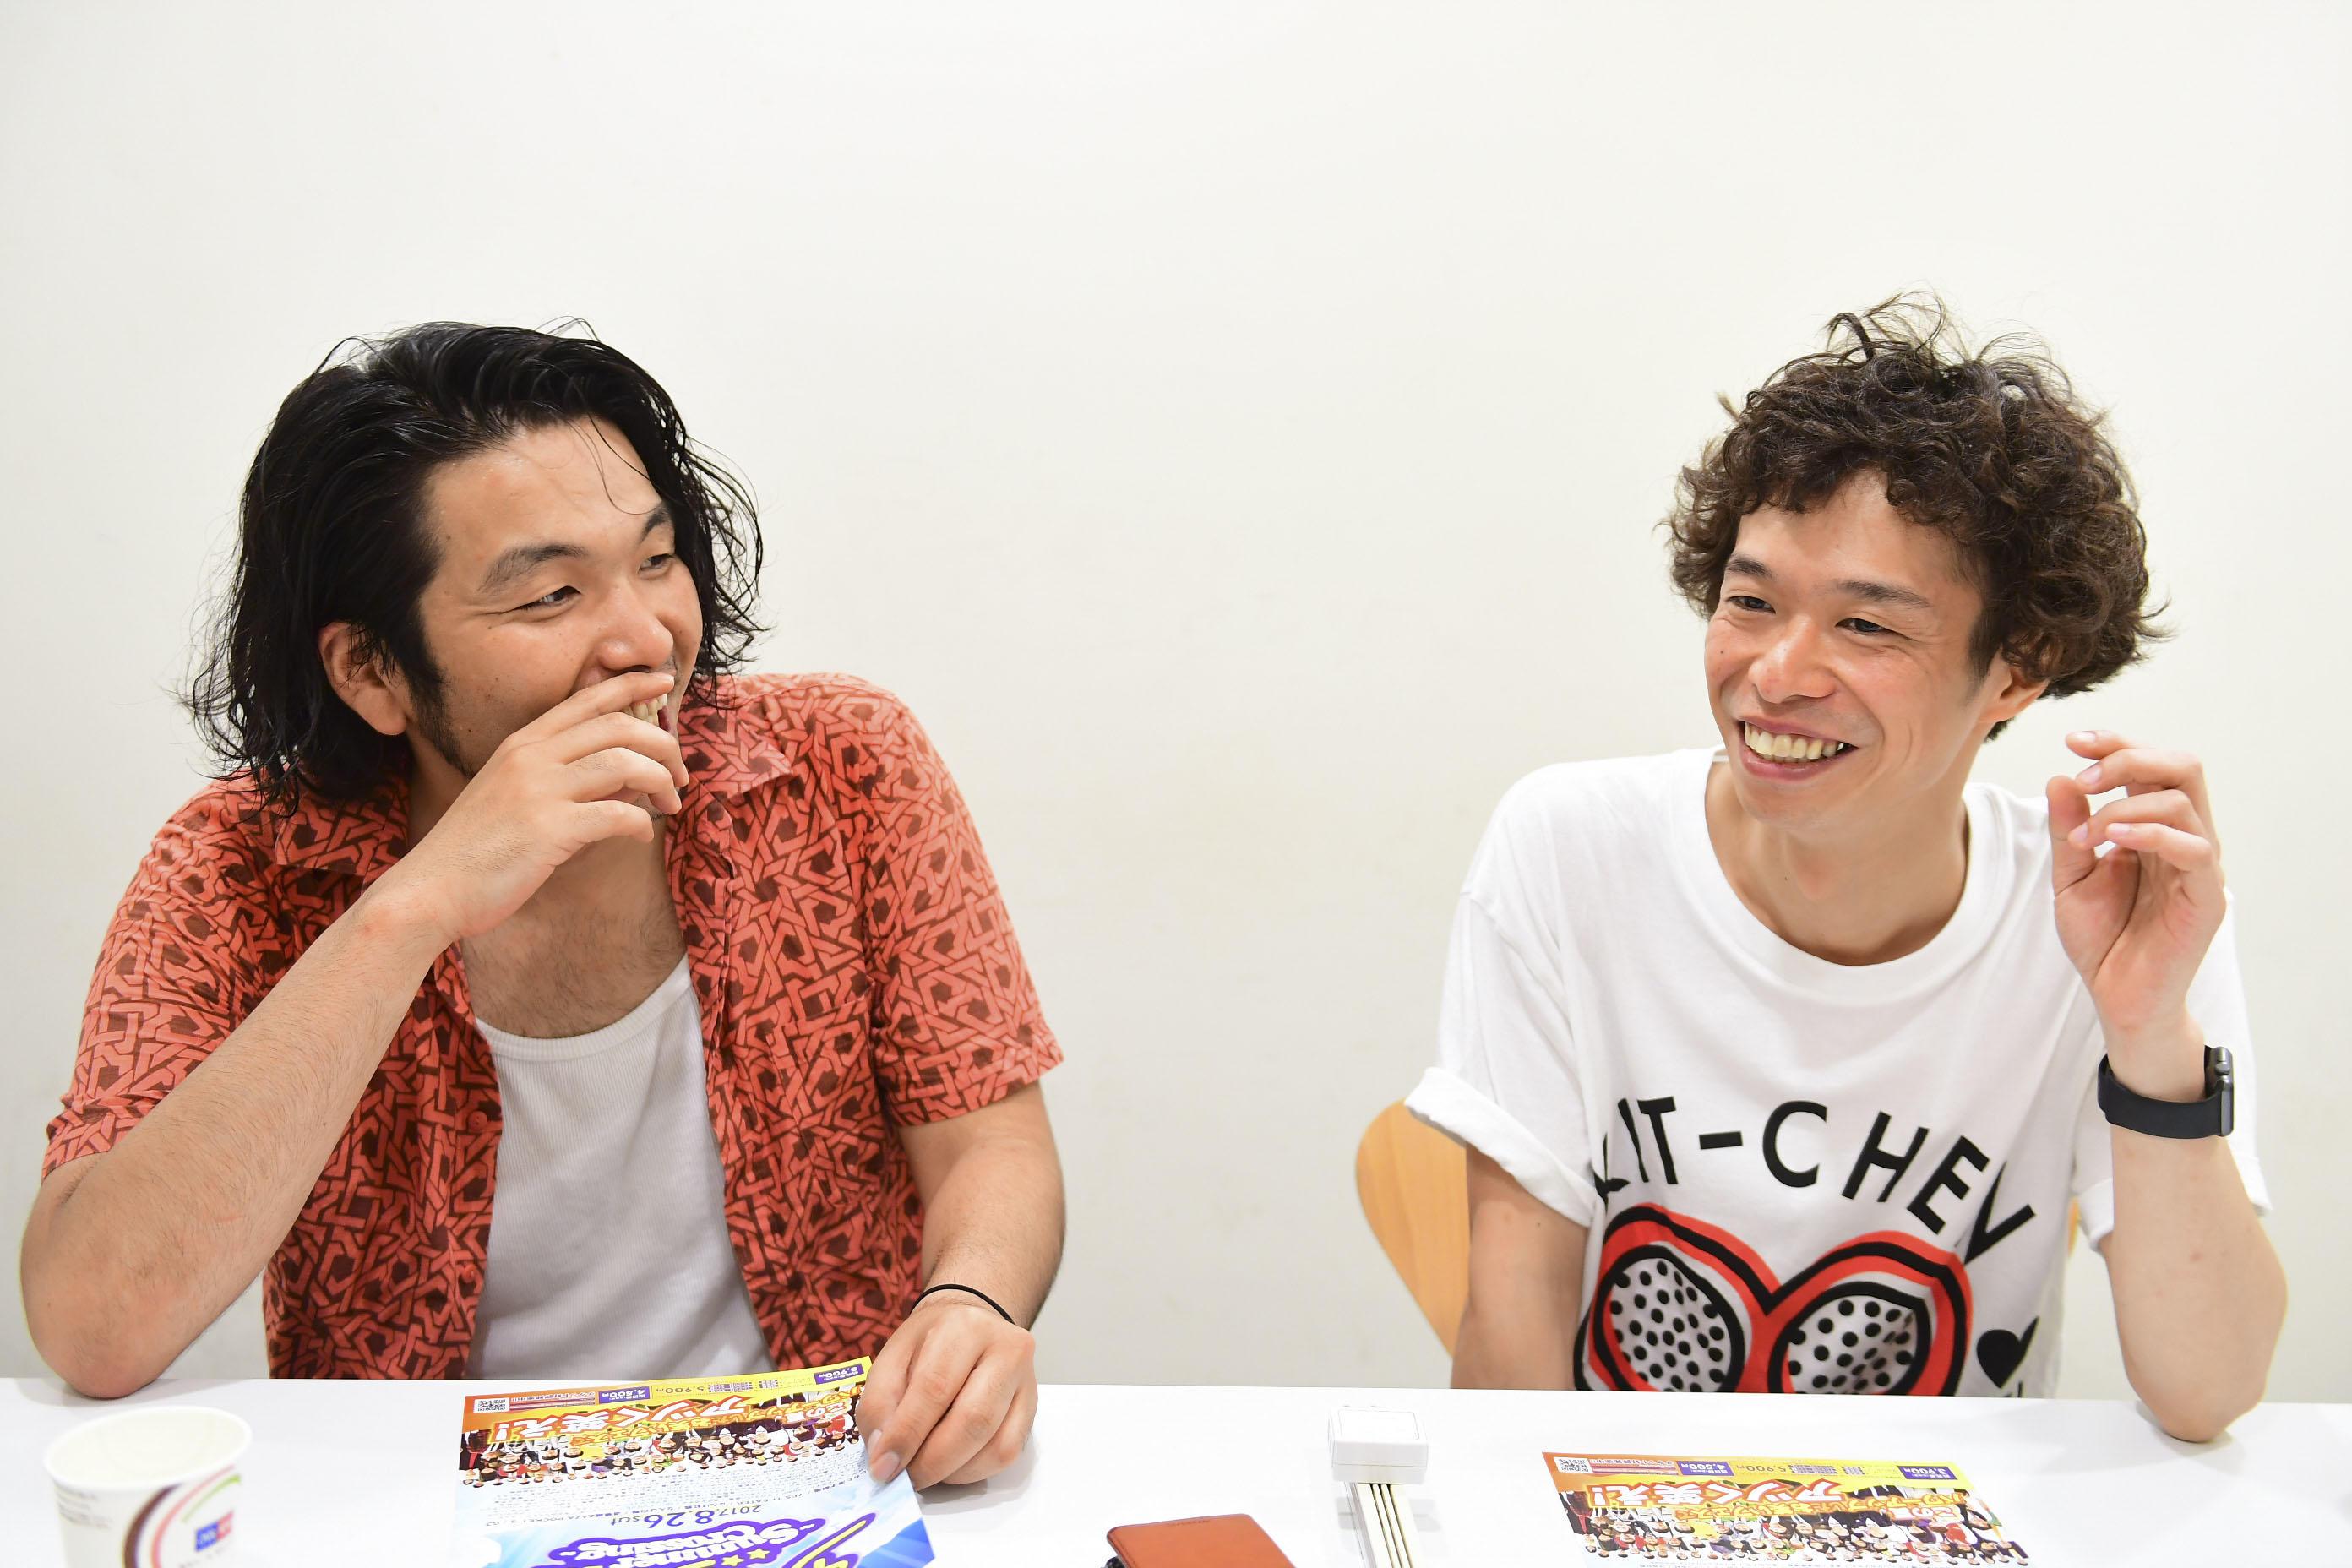 http://news.yoshimoto.co.jp/20170805095941-8afcf0f78bd4fe88f02f0196297bcfb4a2228047.jpg